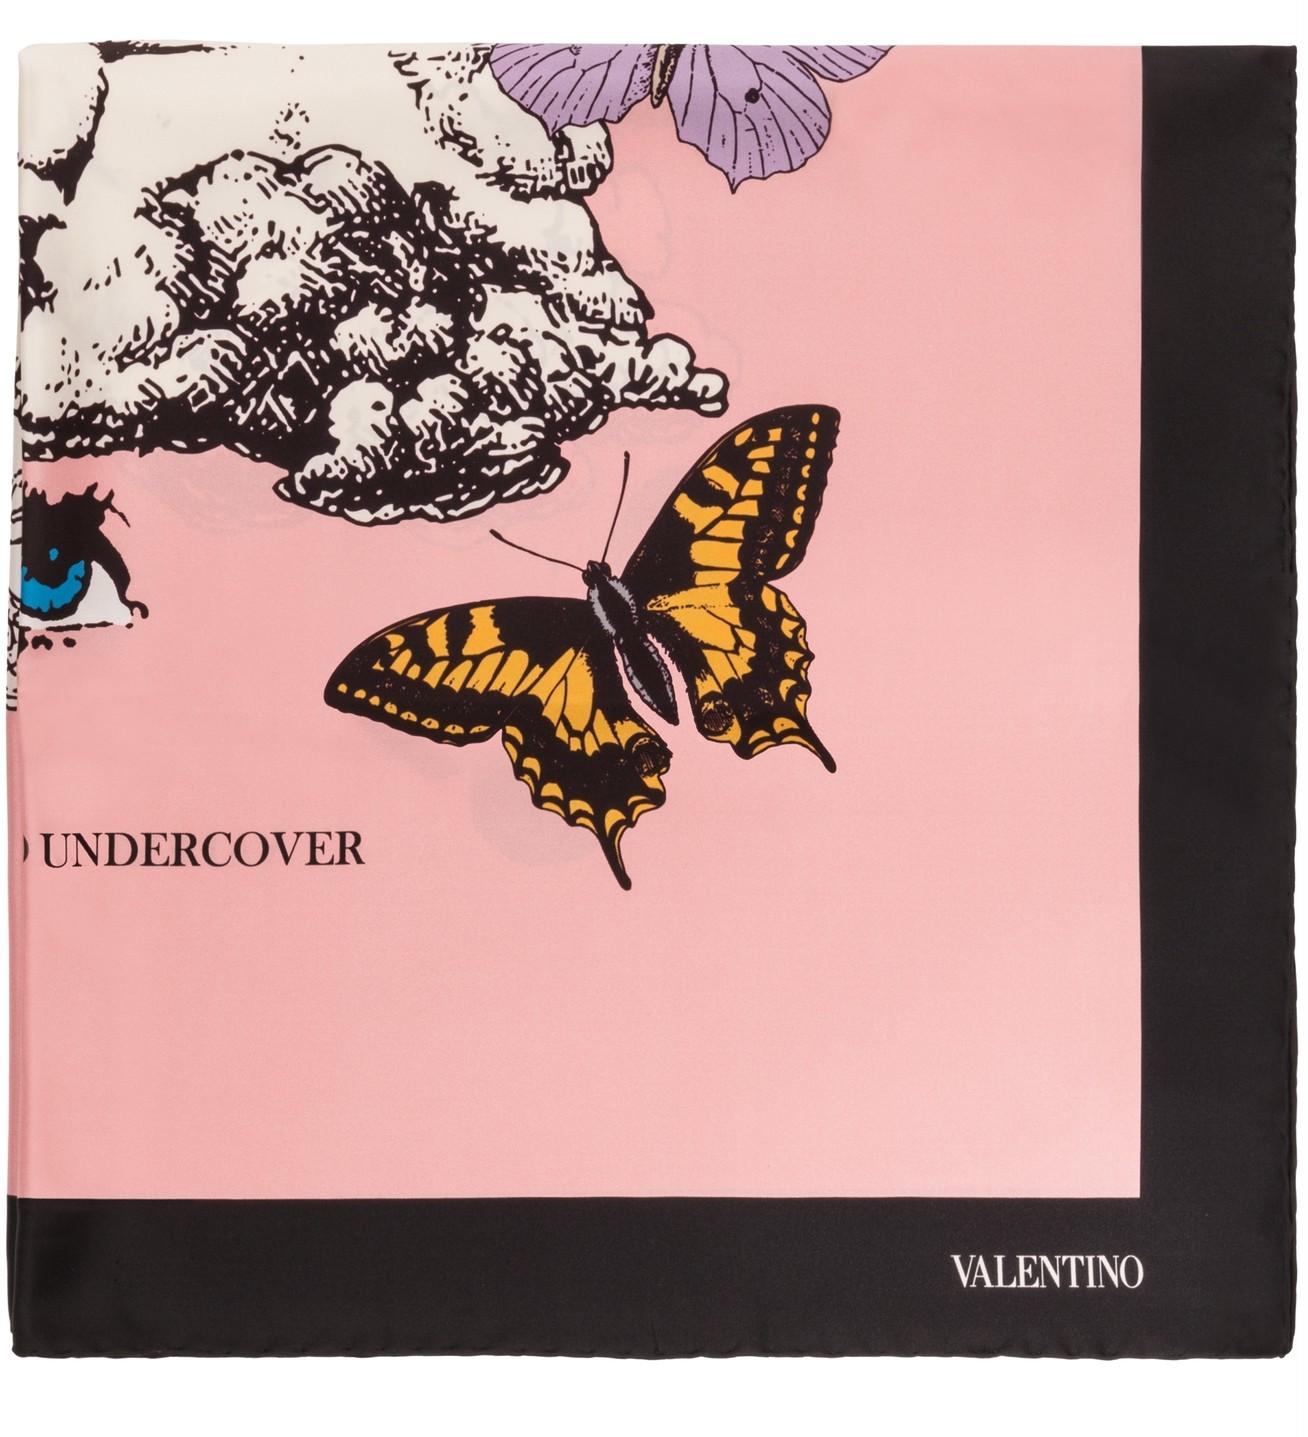 何度でも巡ってくるスカーフ【30代からの名品・愛されブランドのタイムレスピース Vol.39】_3